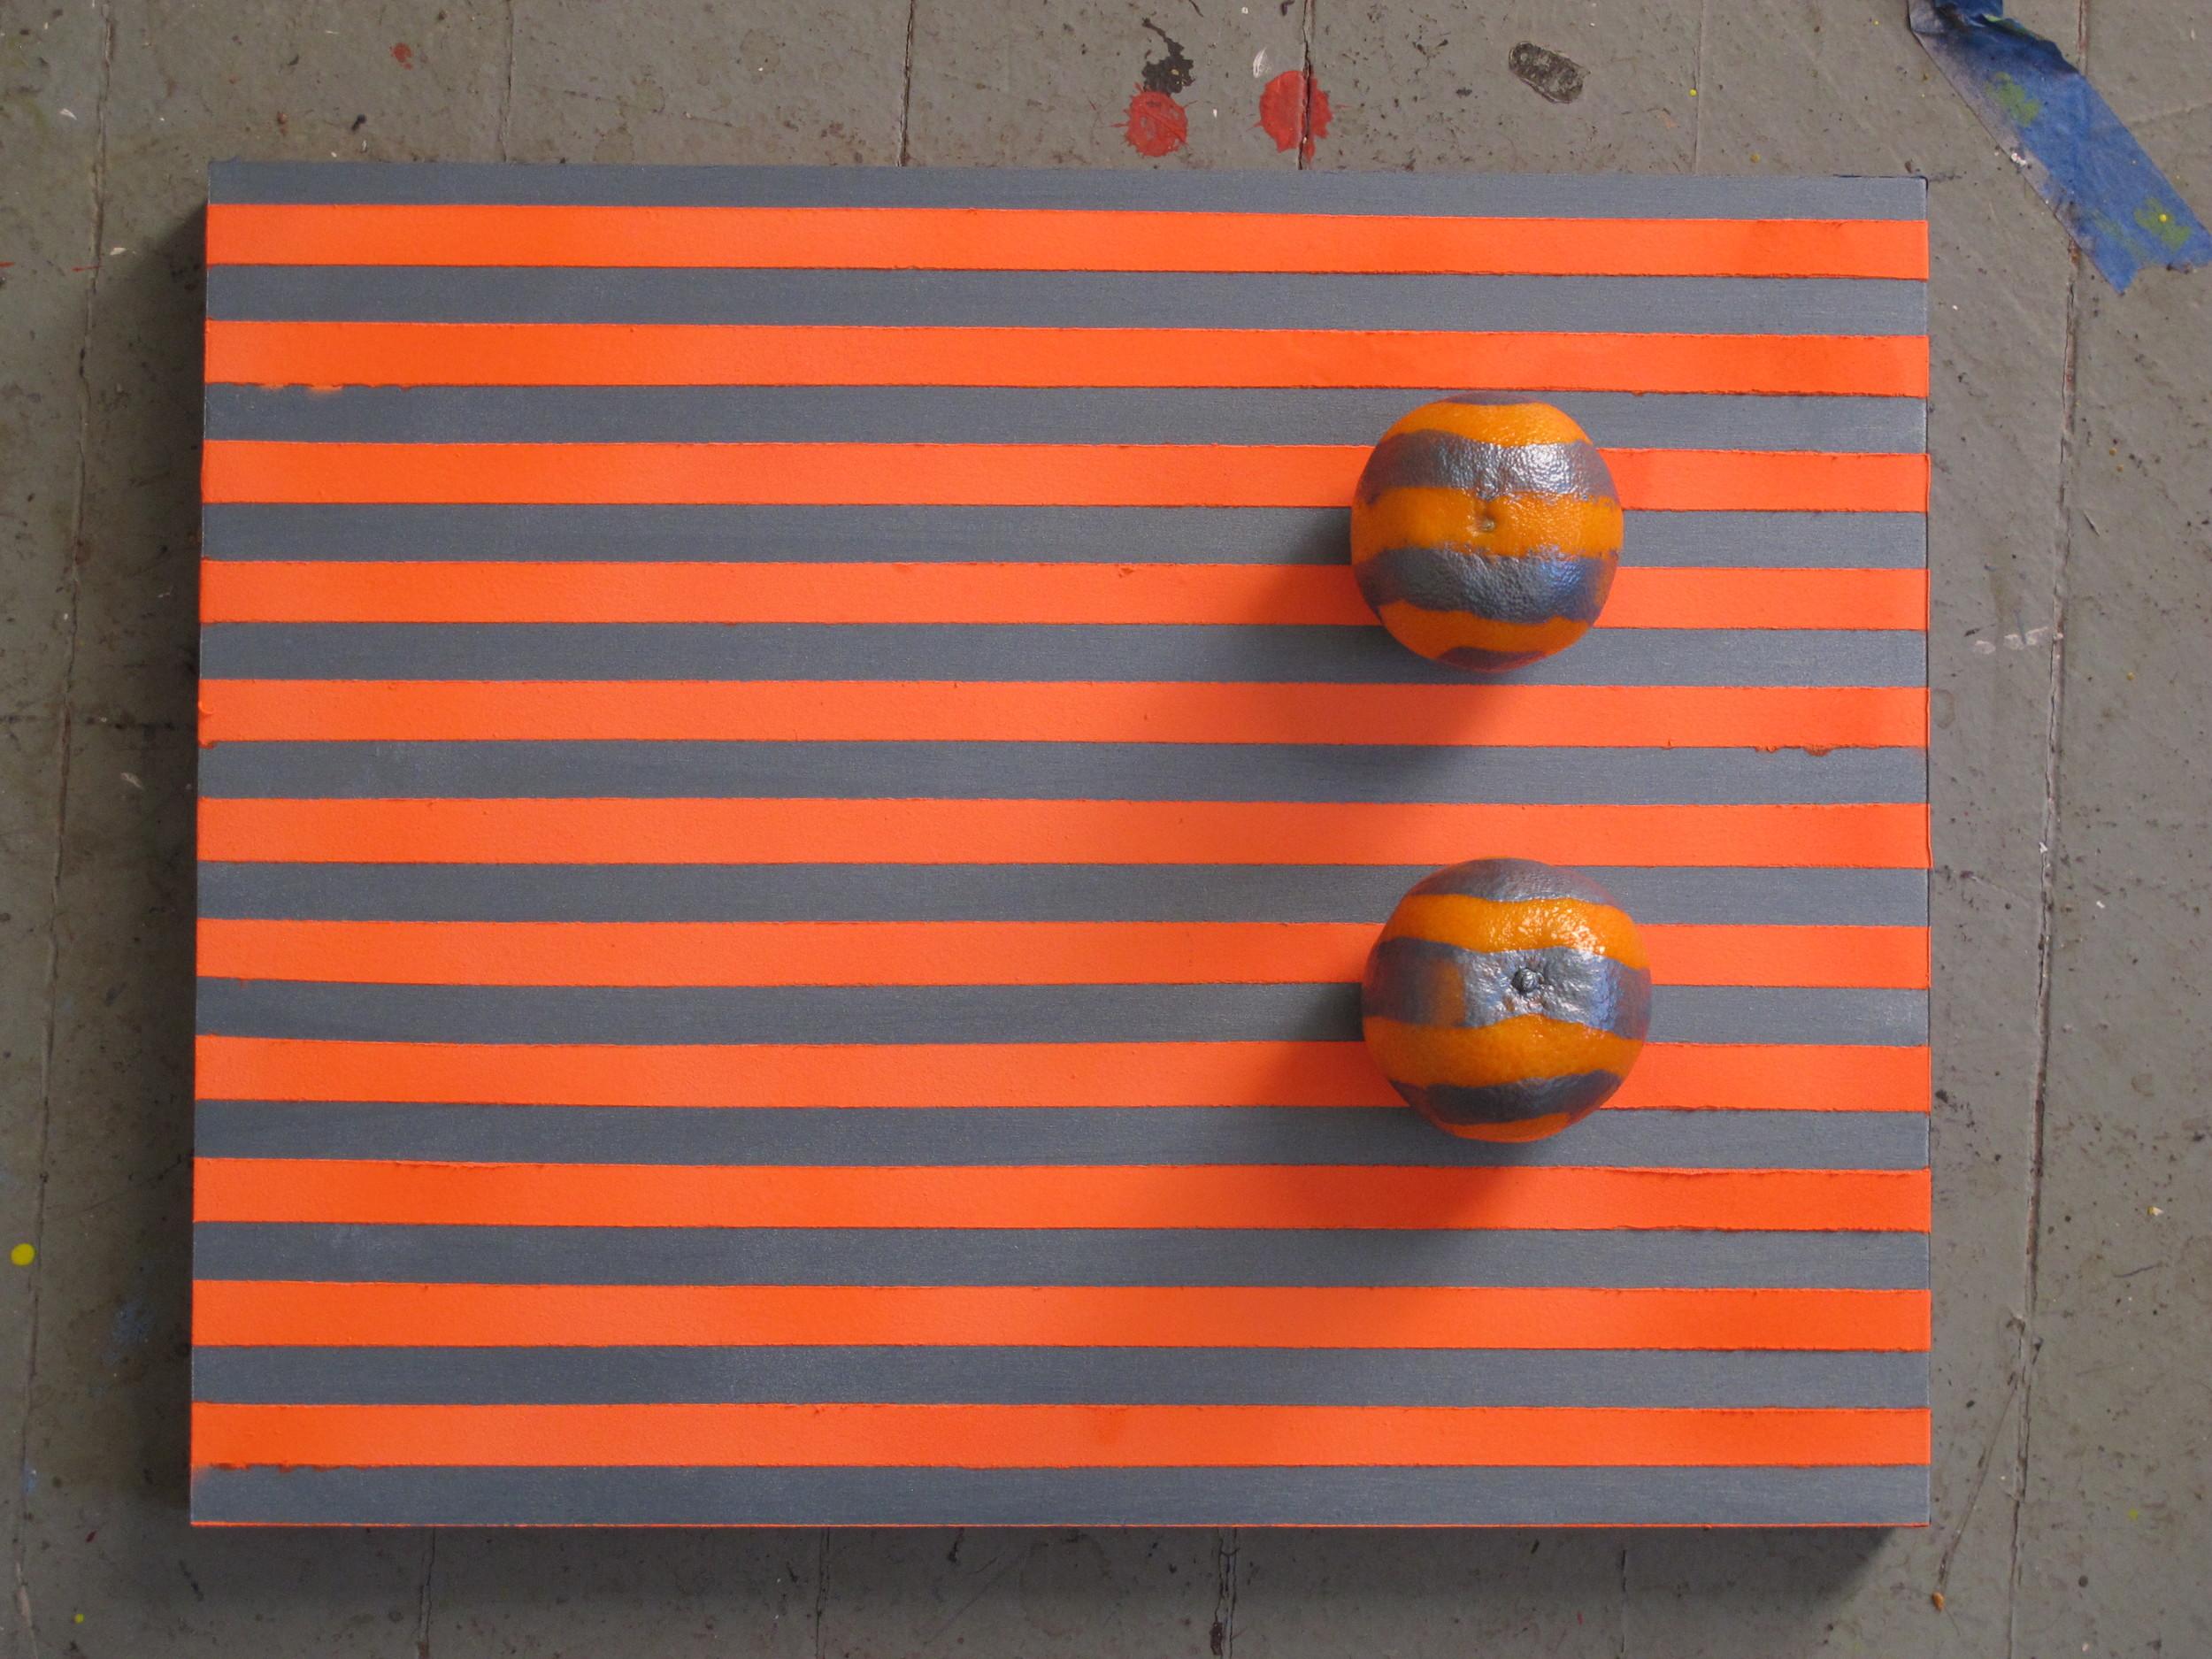 Stripe oranges